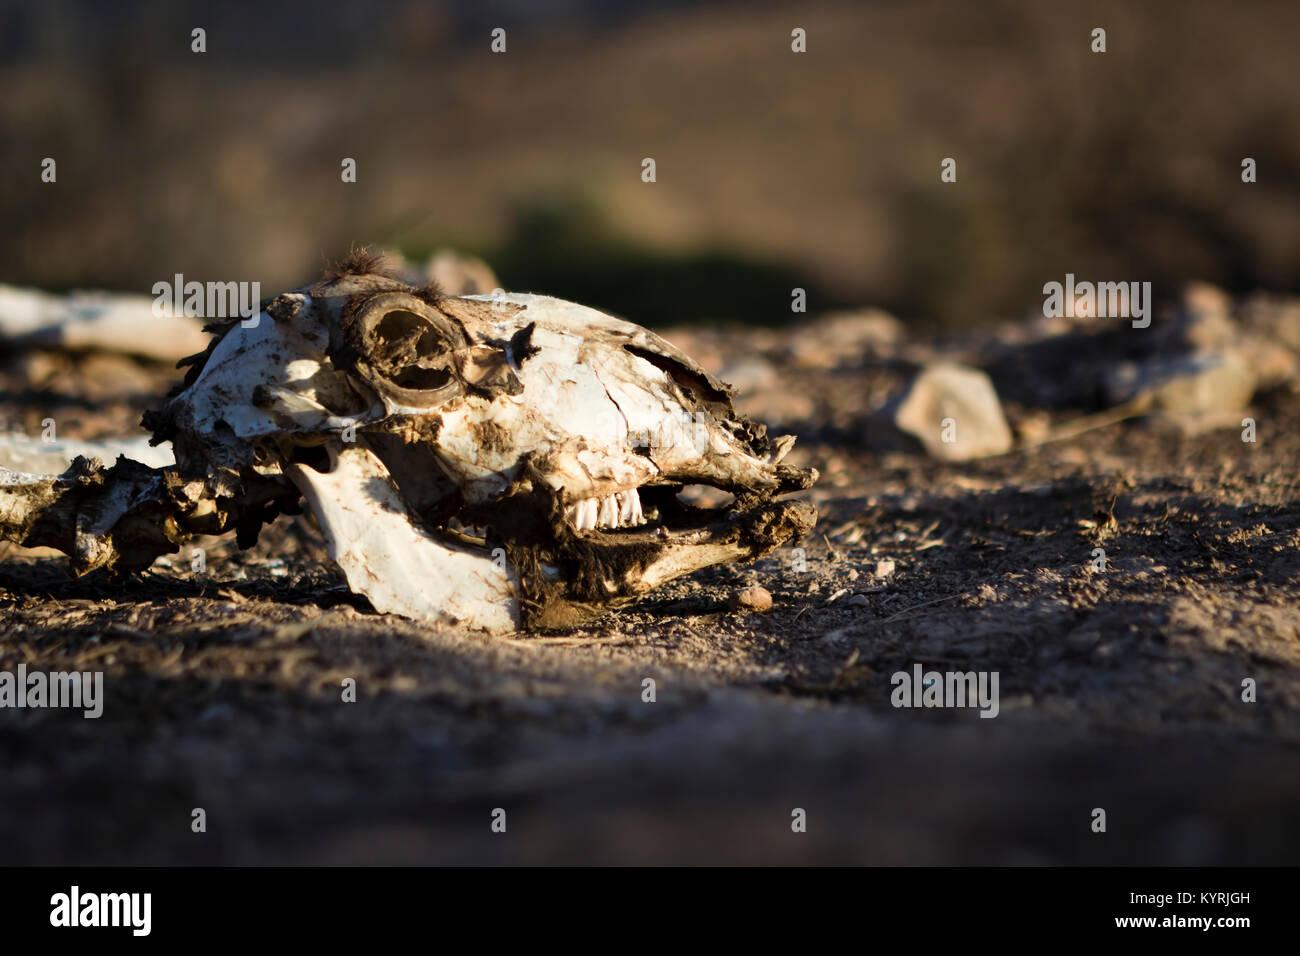 Tierischen Schädel in natürlichem Licht, düster, deprimierend, leistungsfähige Bild der Auswirkungen Stockbild